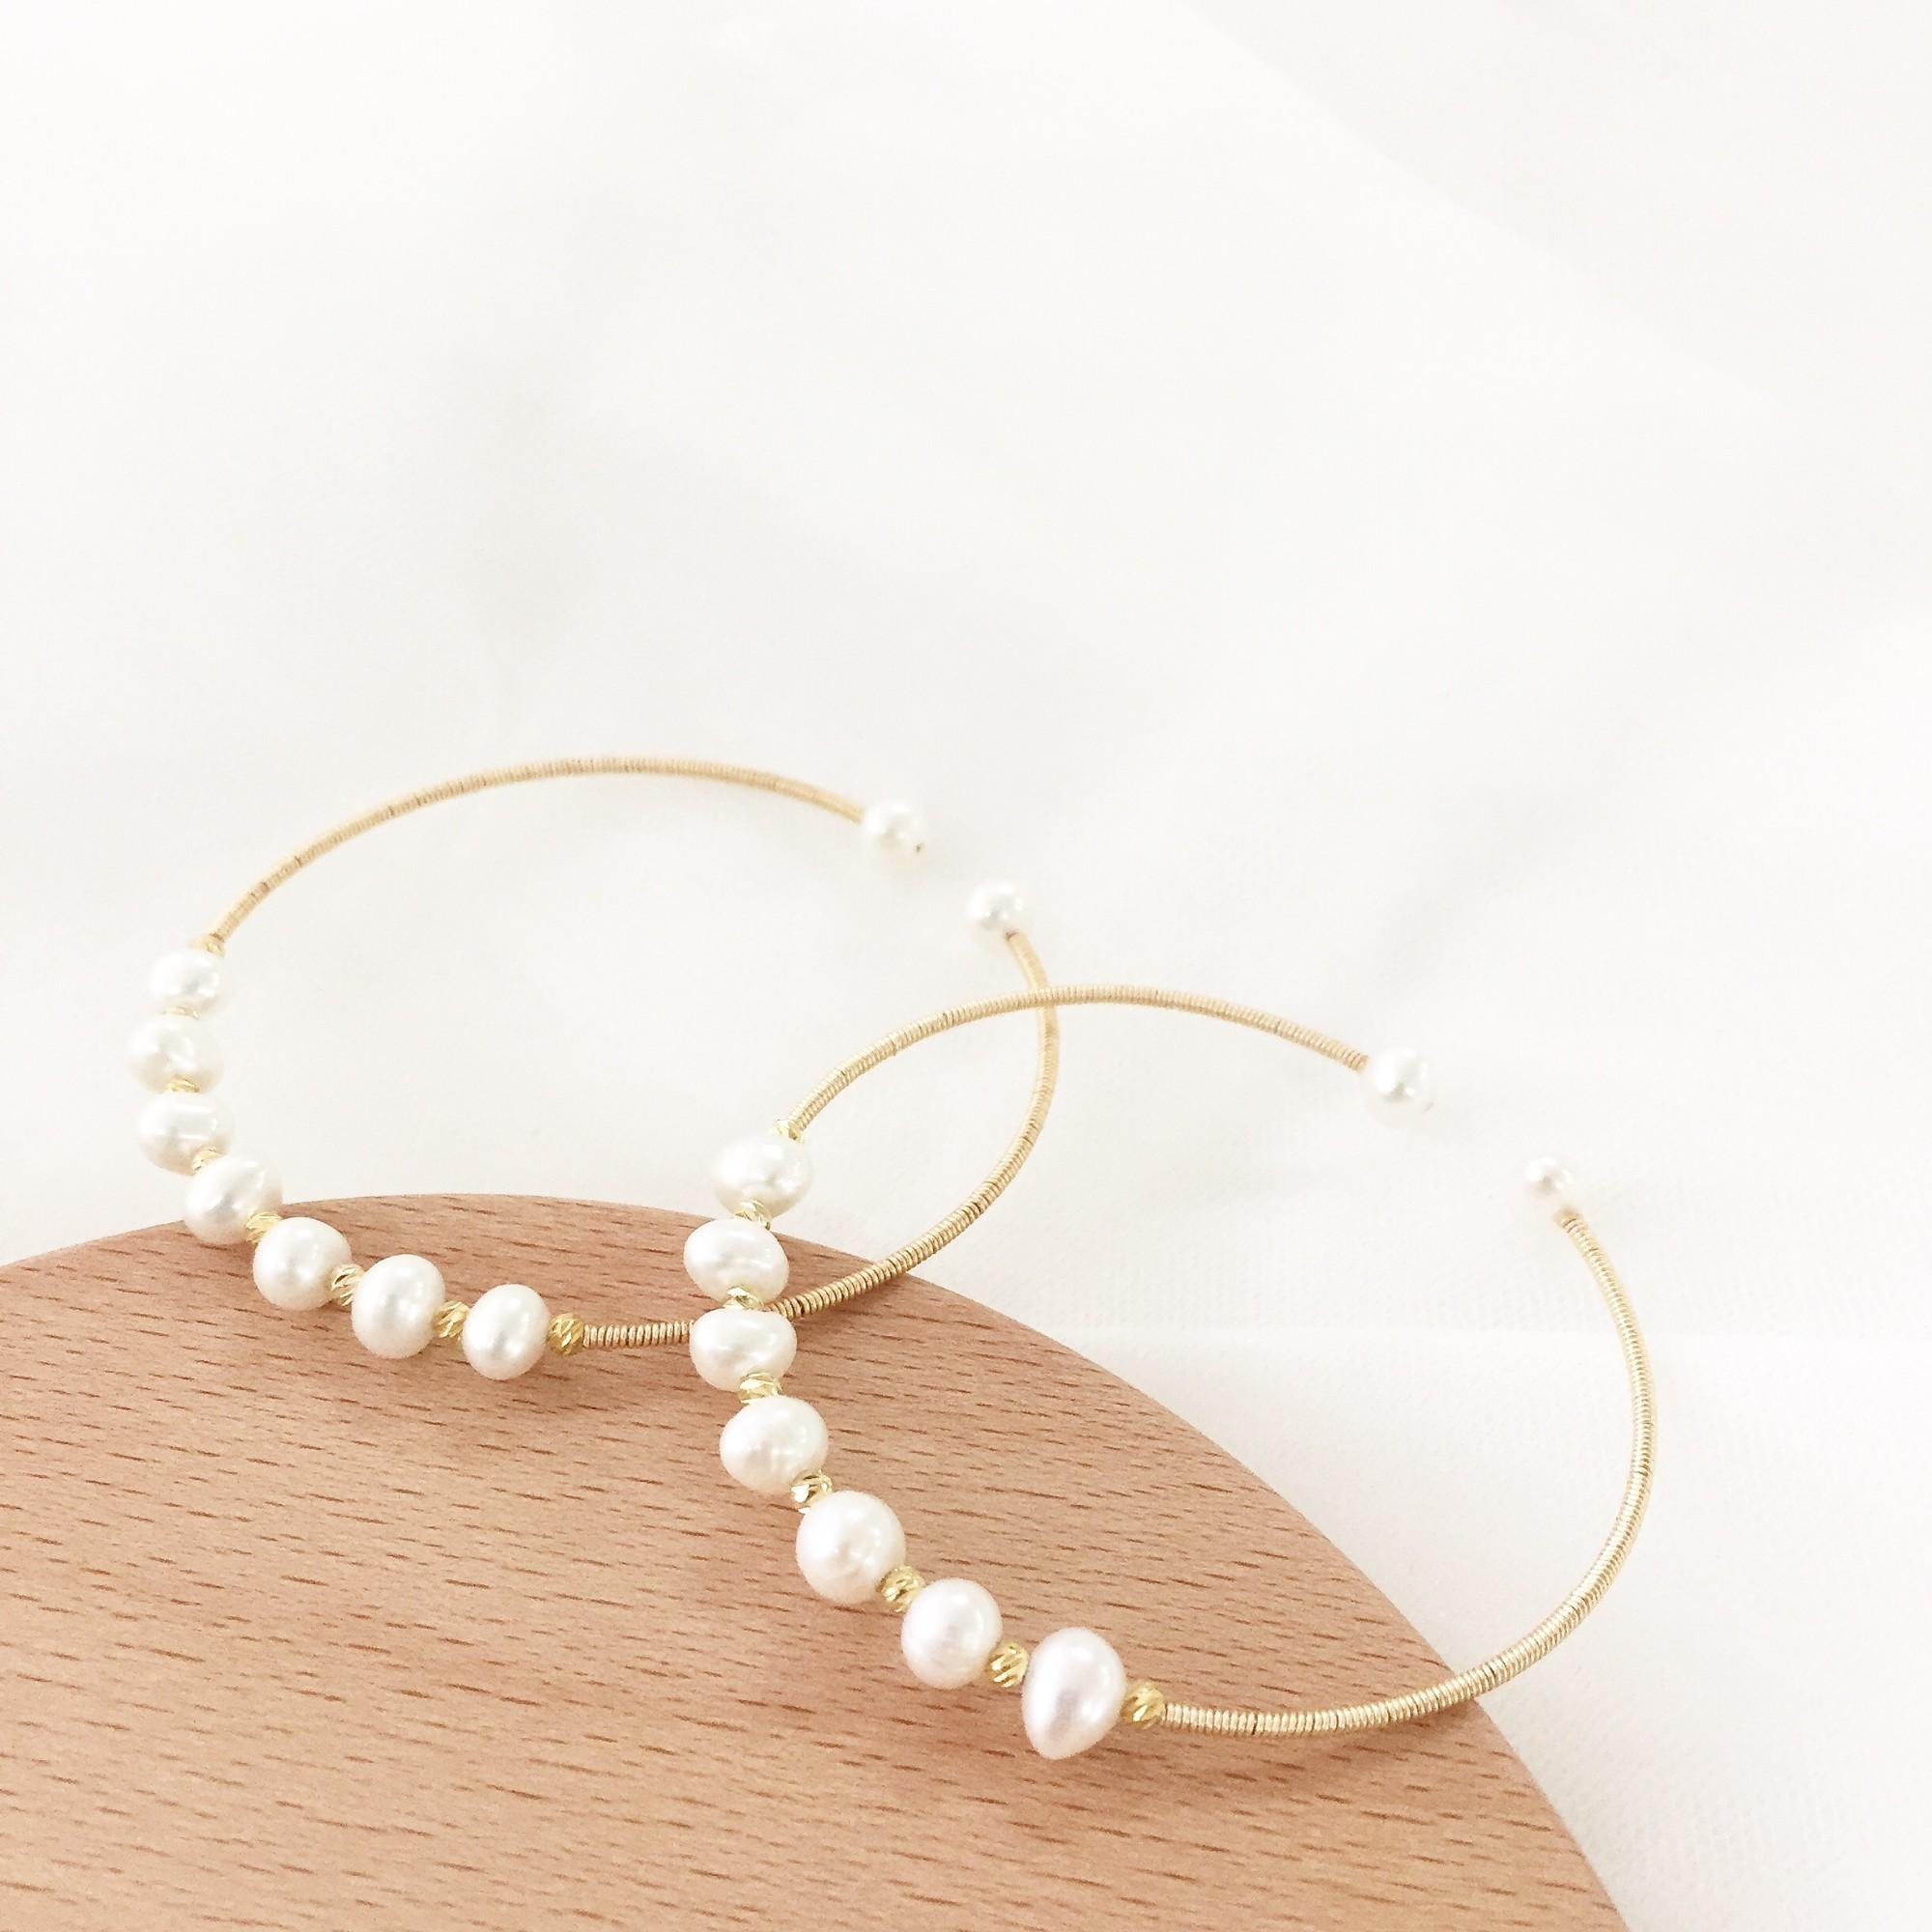 新款简约复古轻奢开口弹簧珍珠个性手镯女纯银